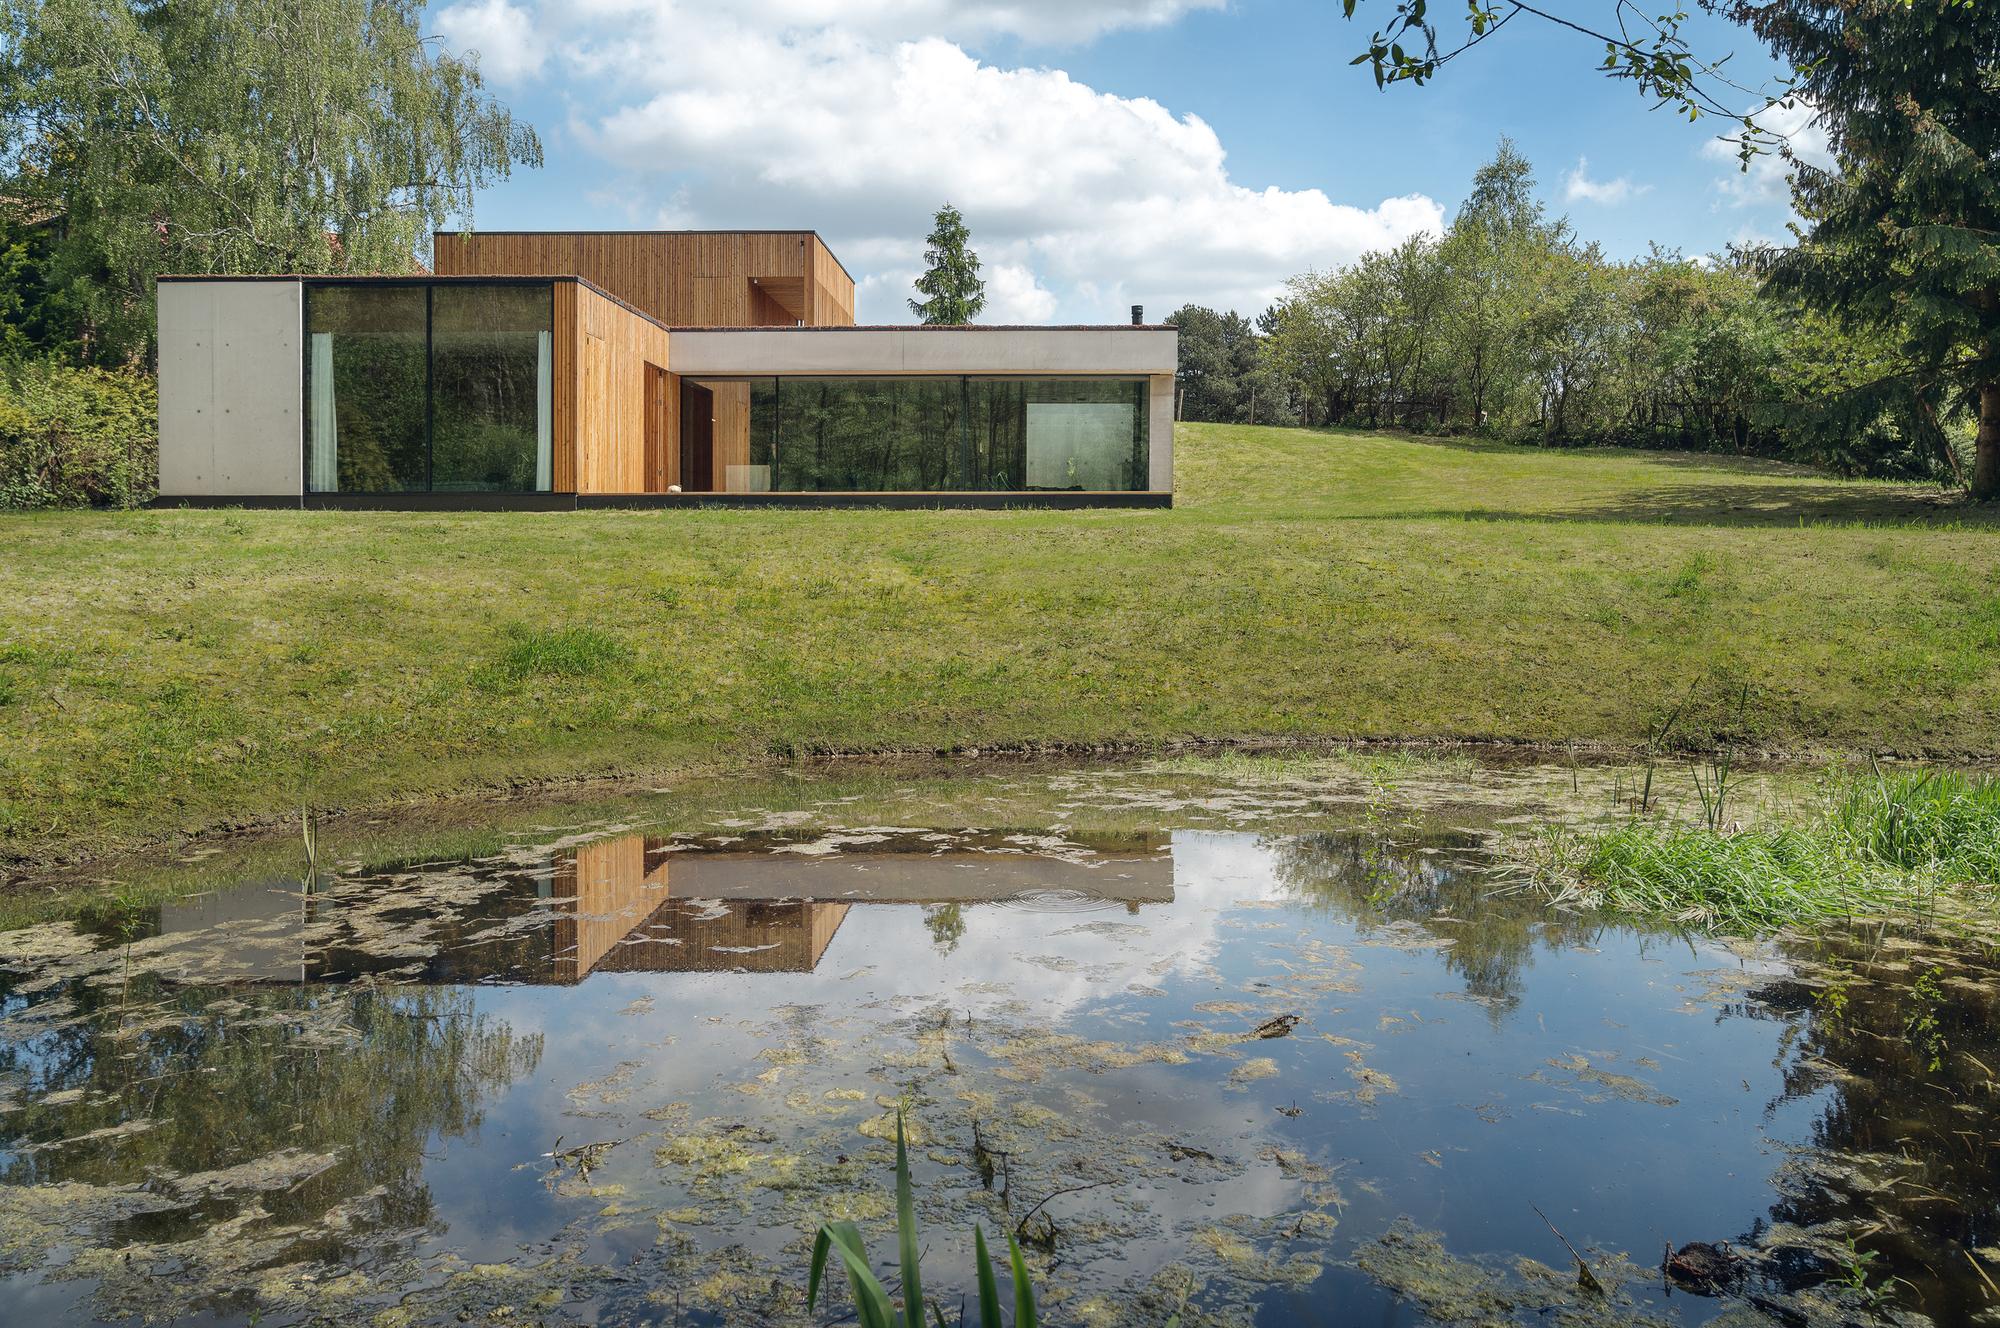 Casa jrv2 studio plataforma arquitectura for Arquitectura materias